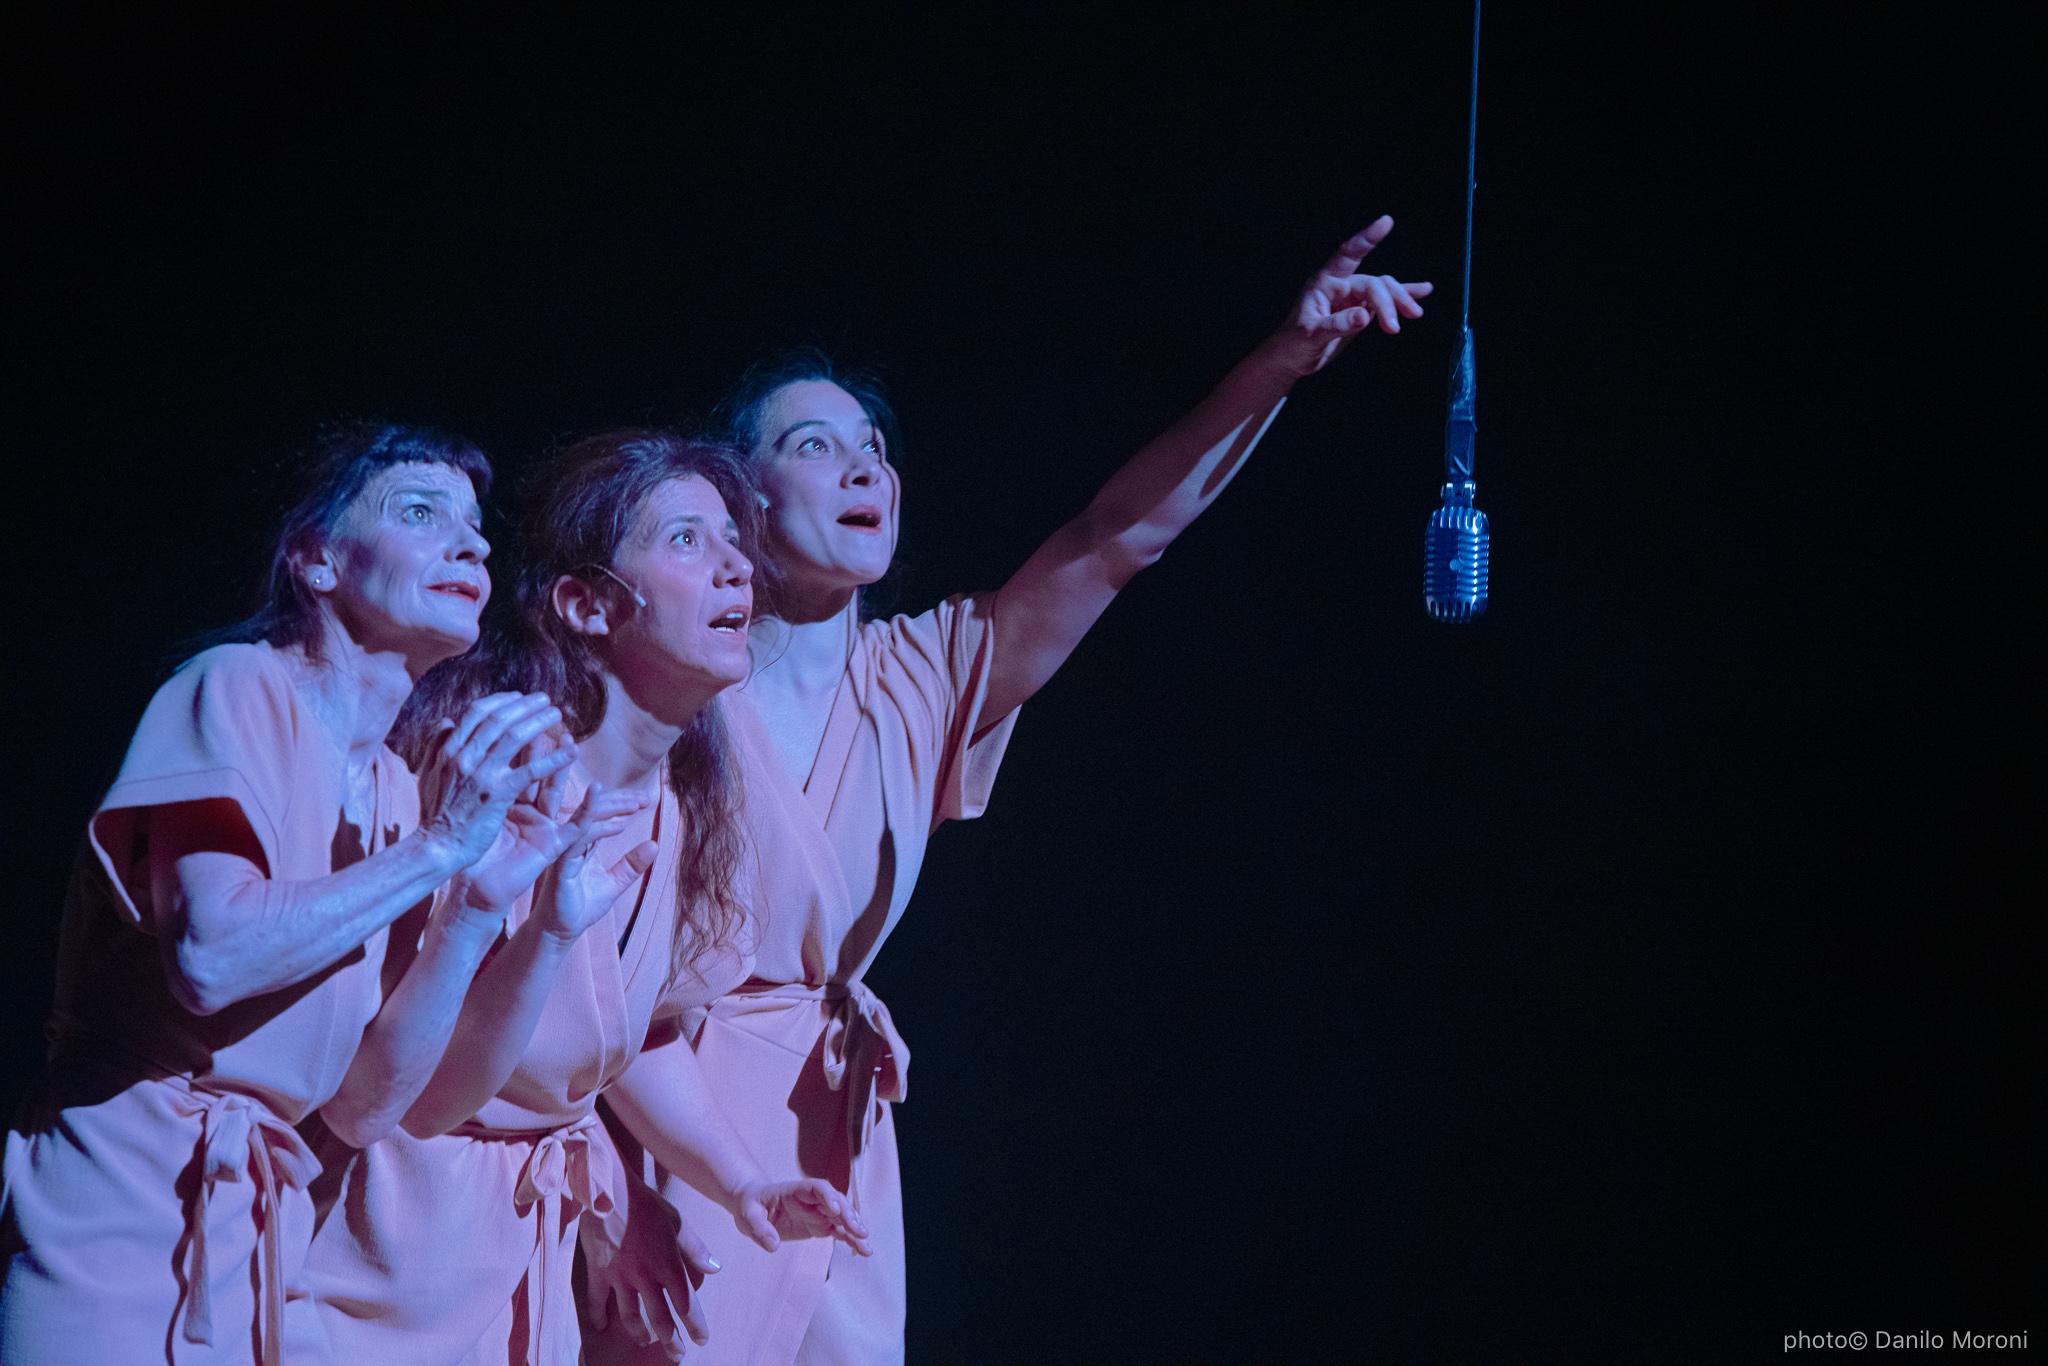 Teatro-en-vilo-Circo-Price-Miss-Mara-photo-Danilo-Moroni-281.jpg